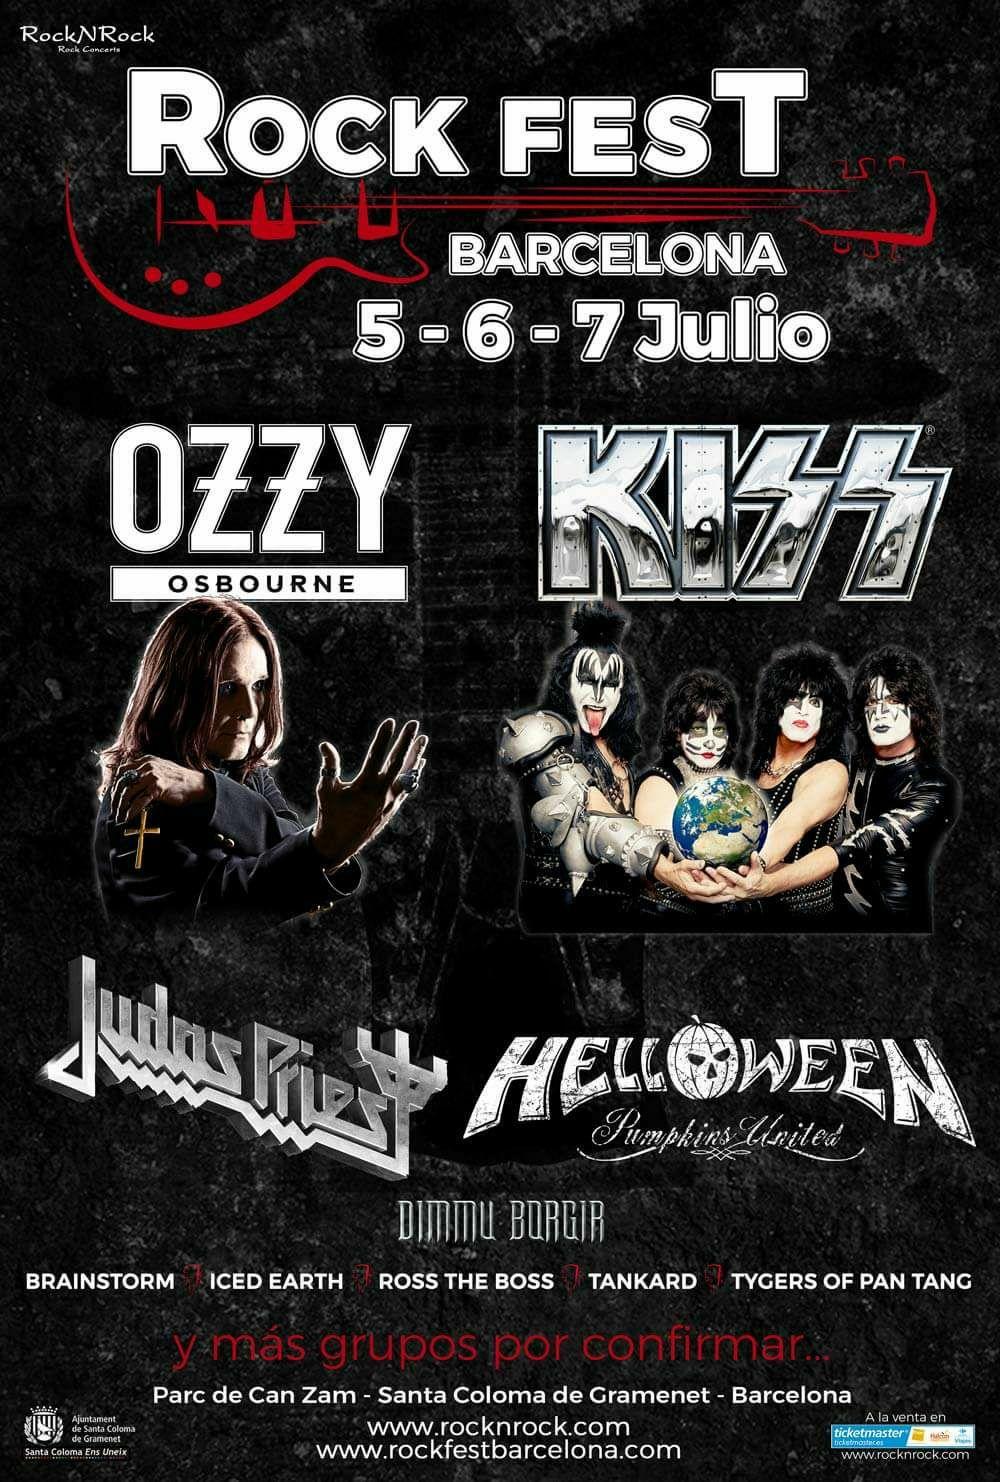 Rockfest Barcelona 2018